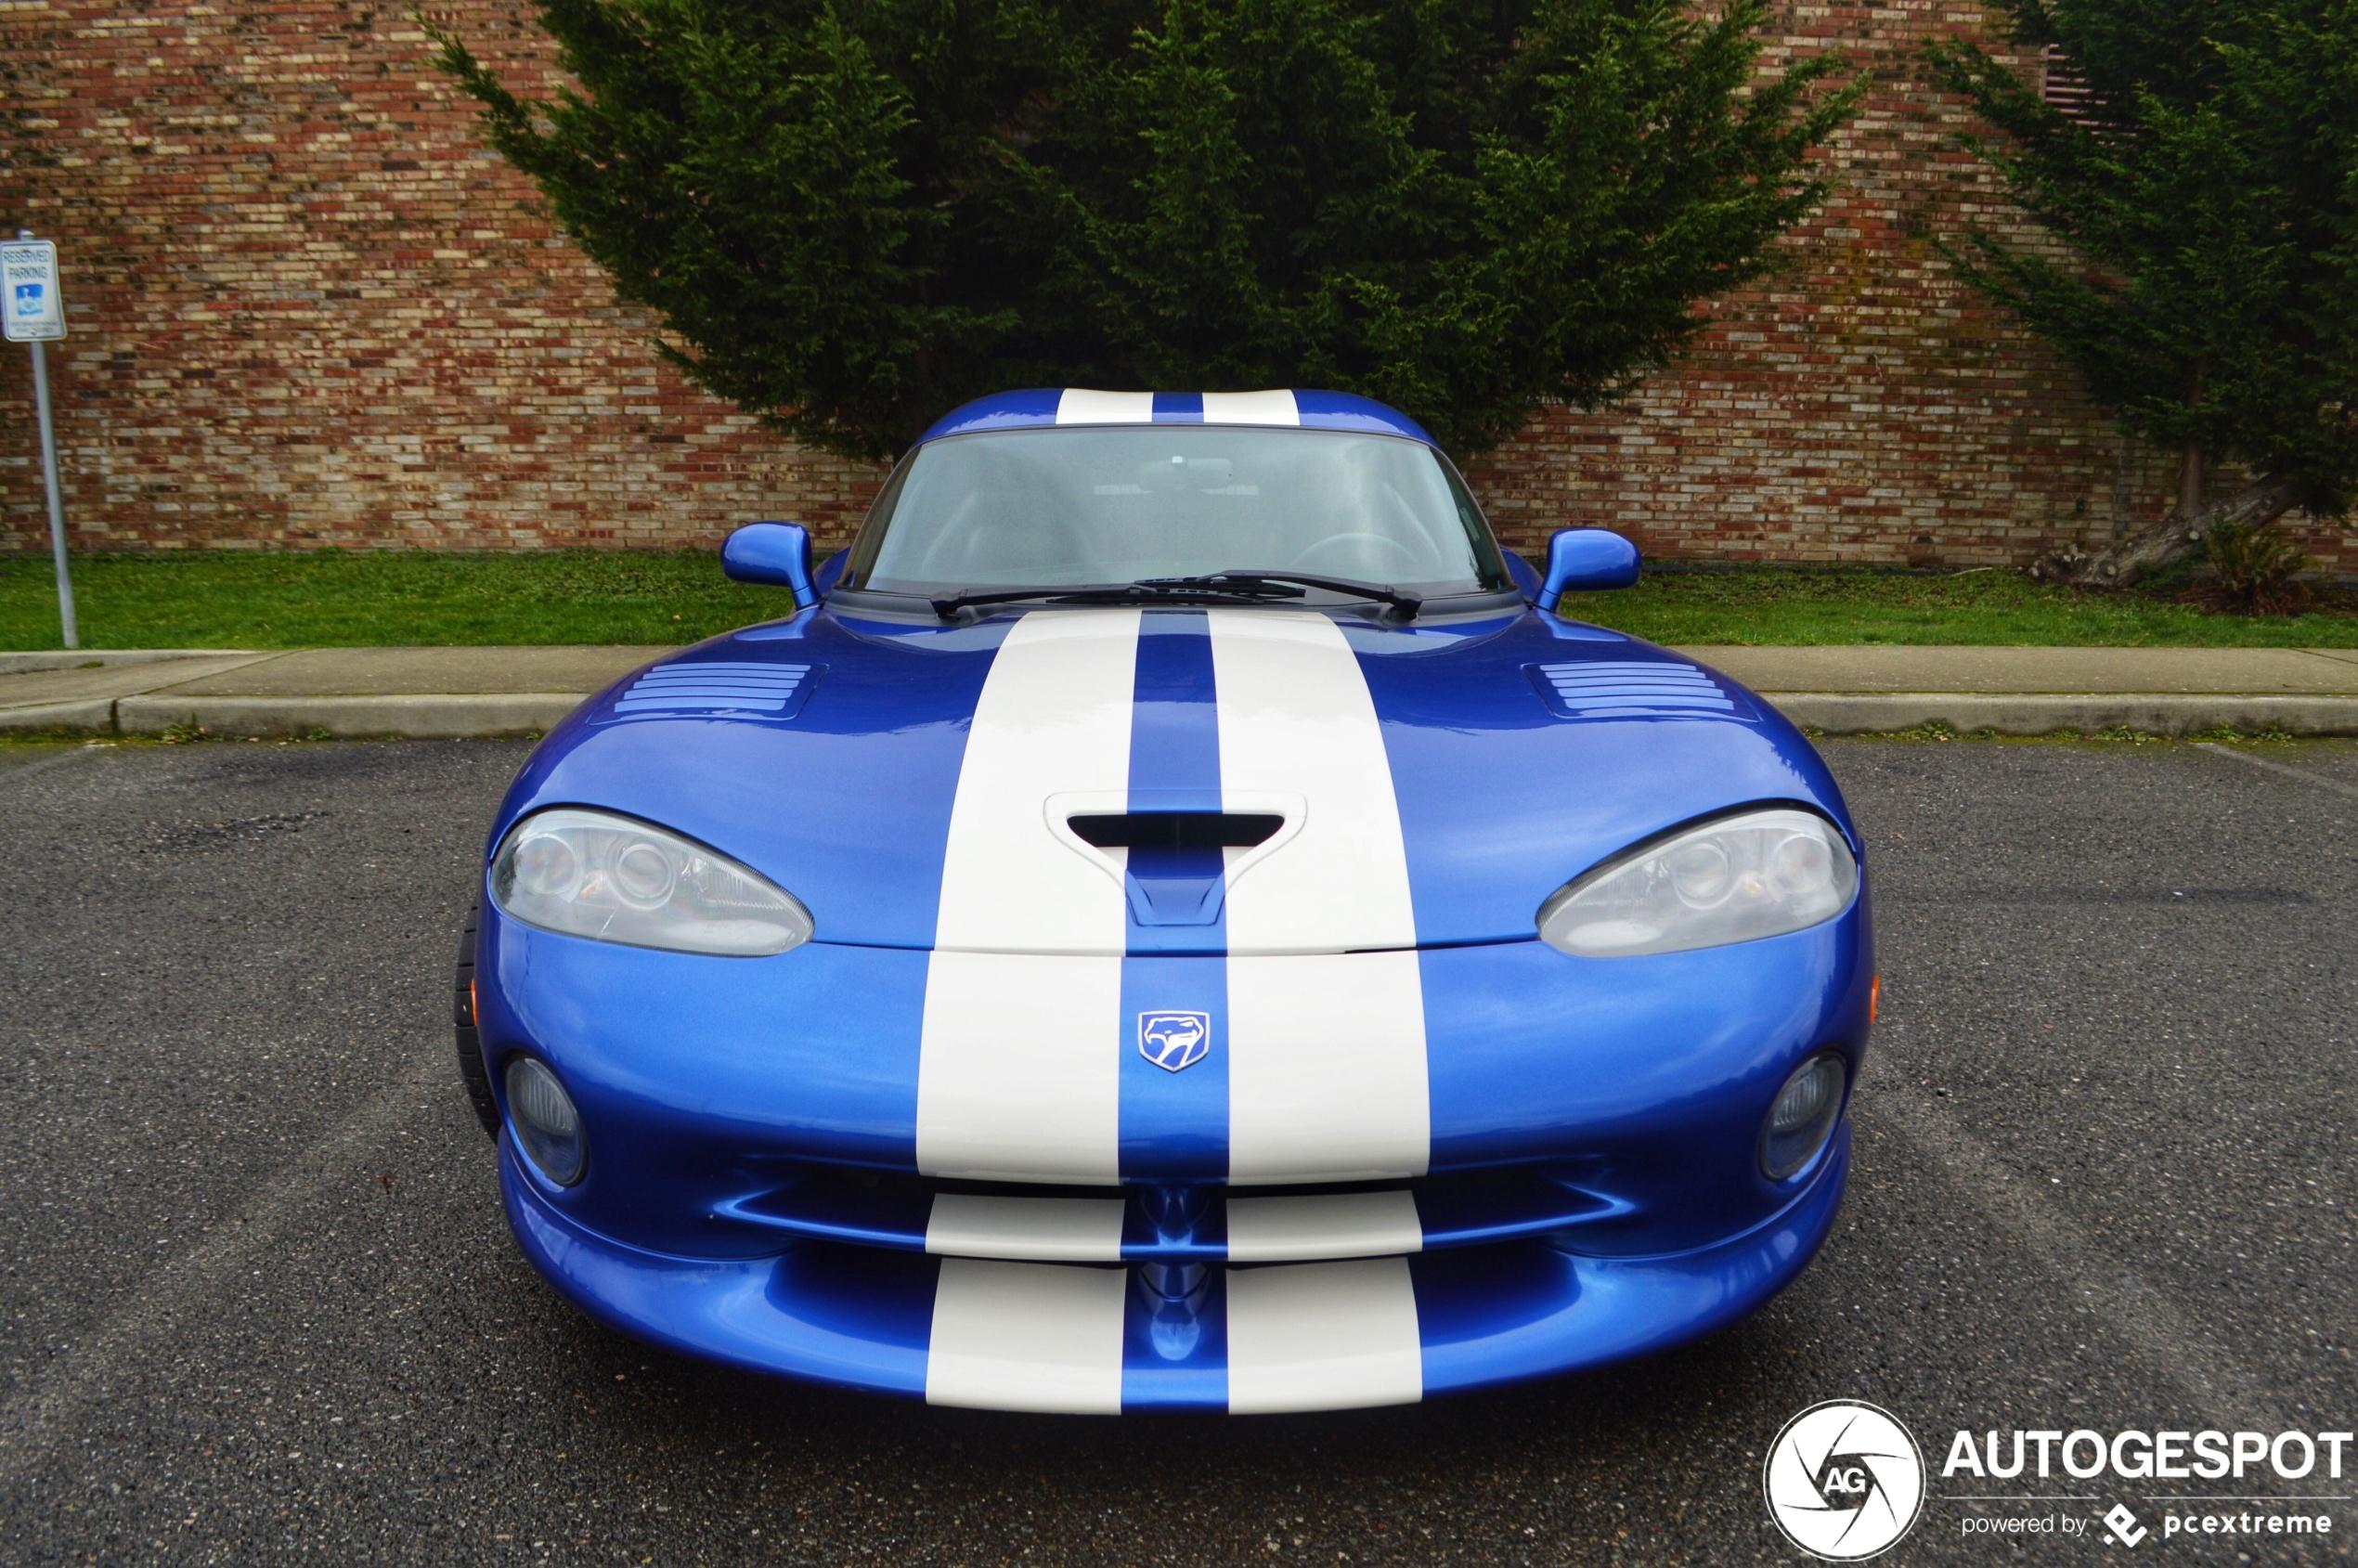 DodgeViper GTS